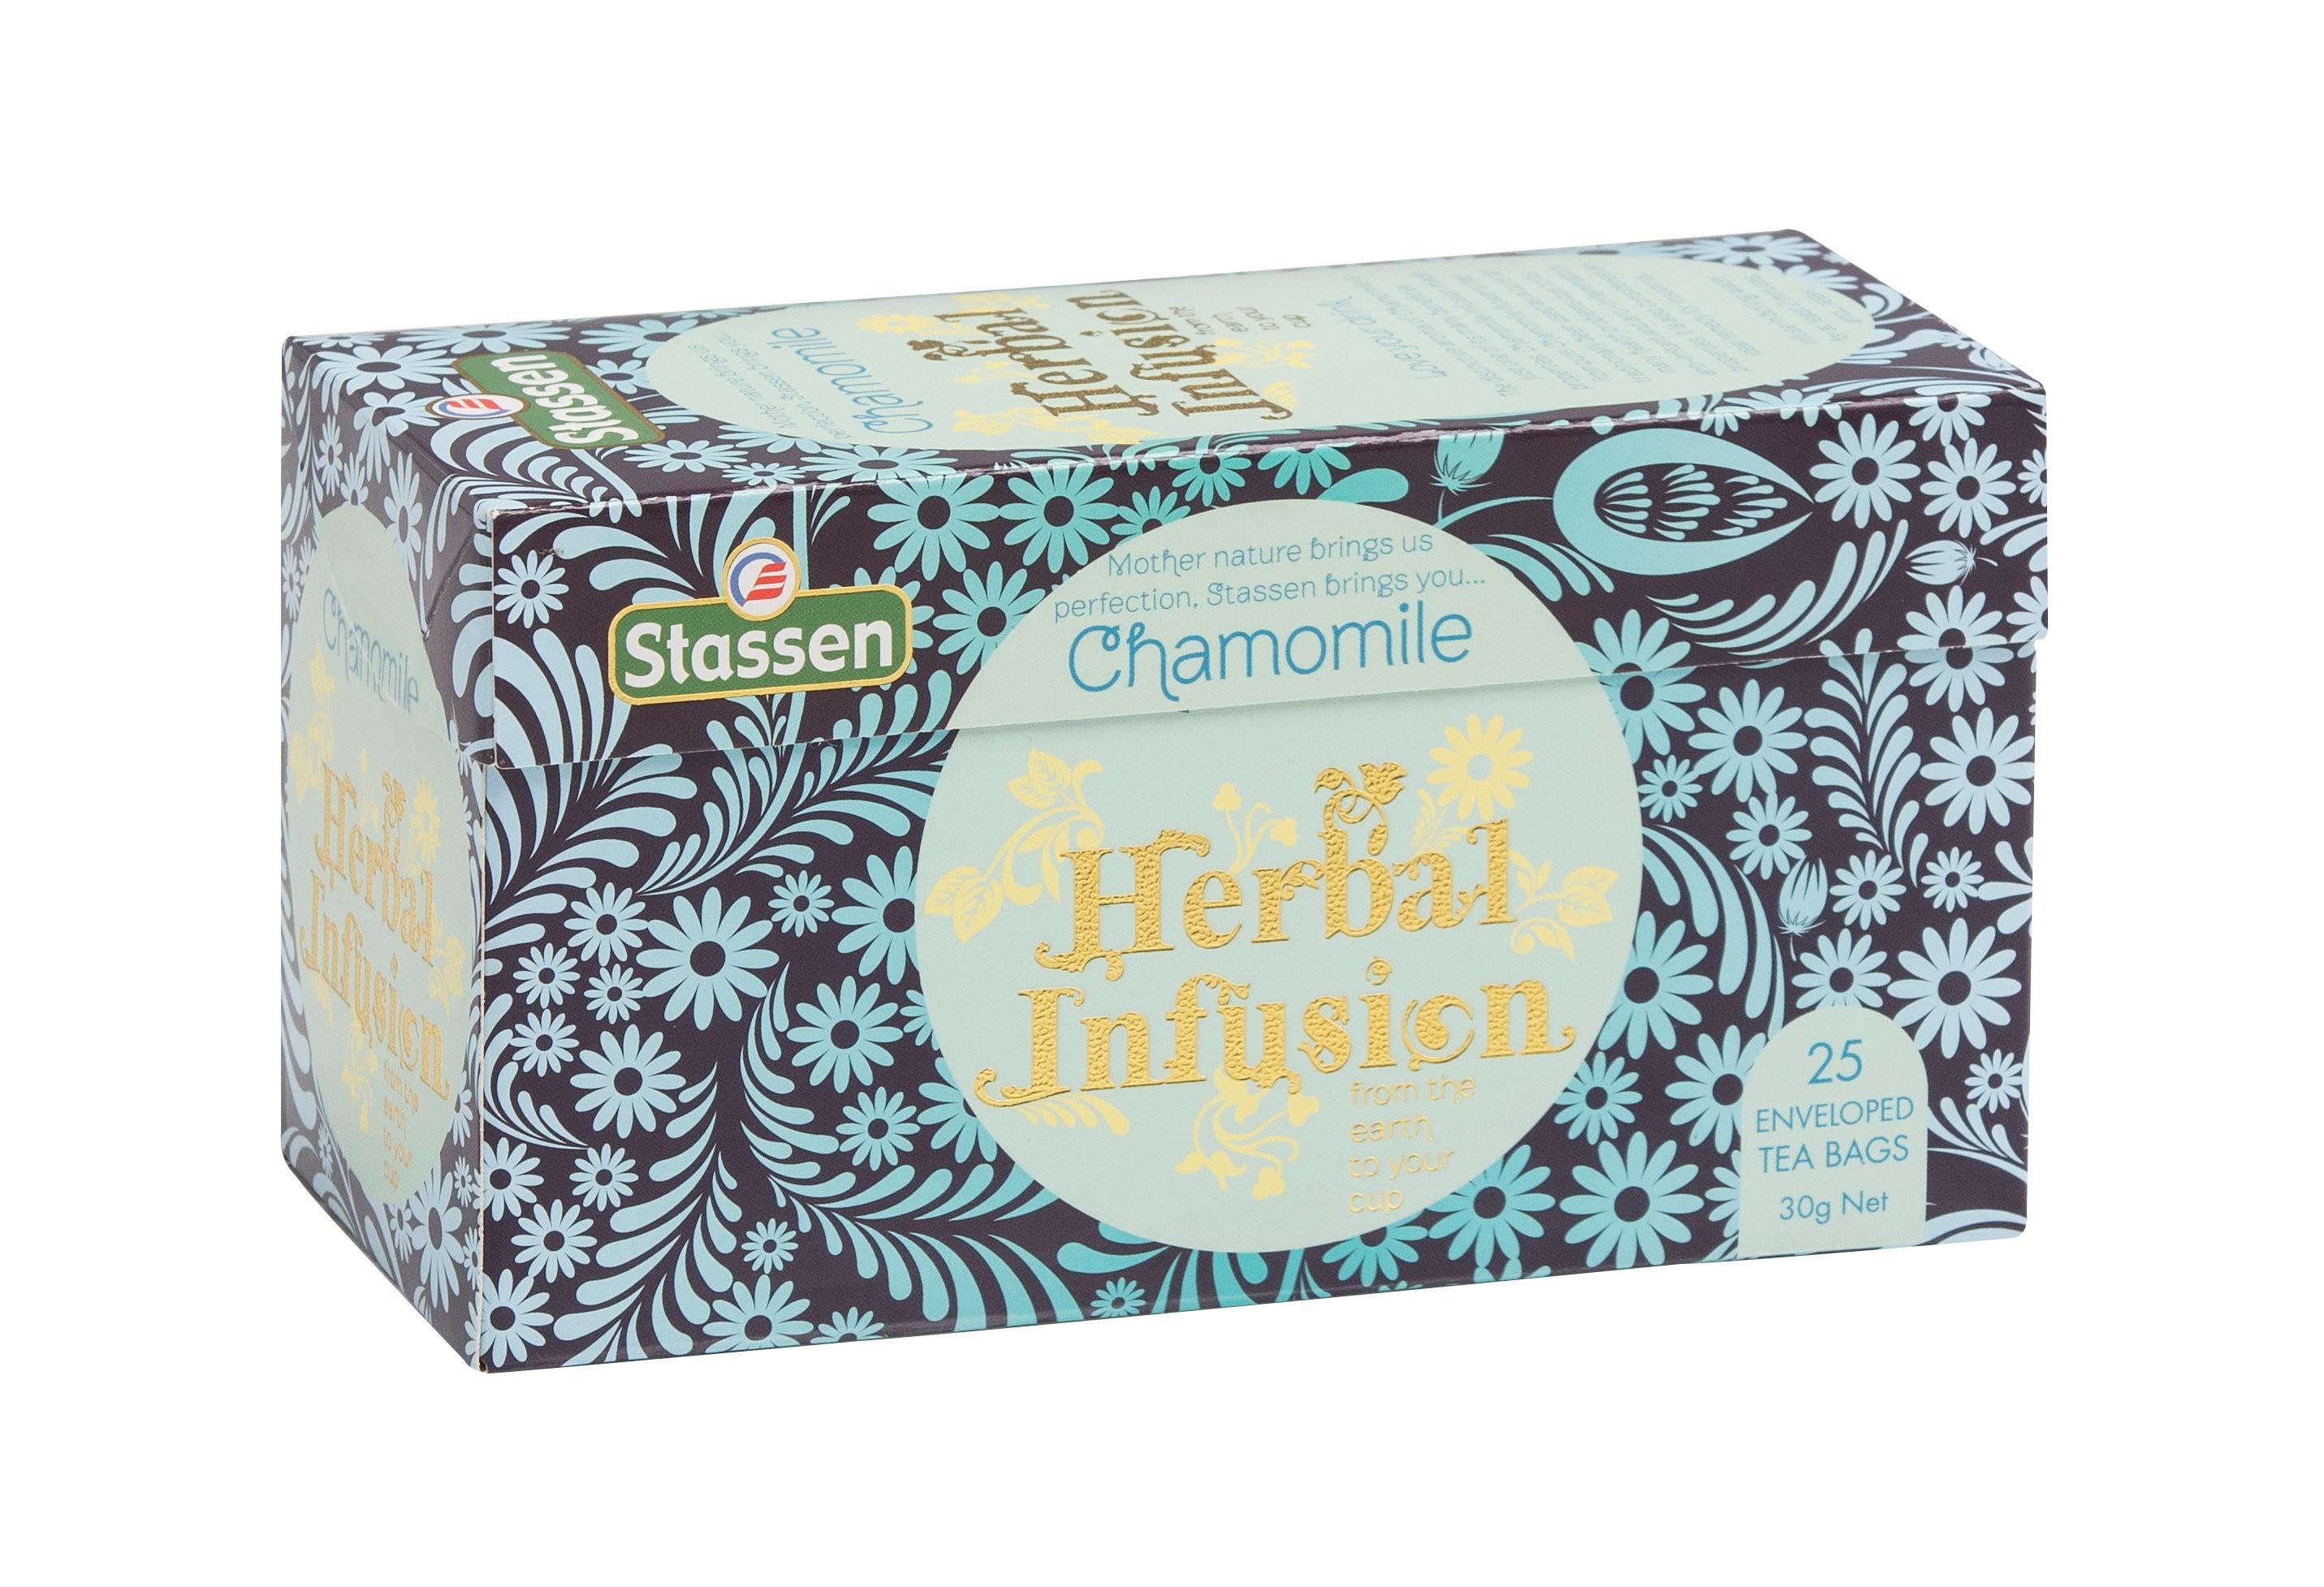 [stassen司迪生]洋甘菊茶 (1.5g*25包/盒)